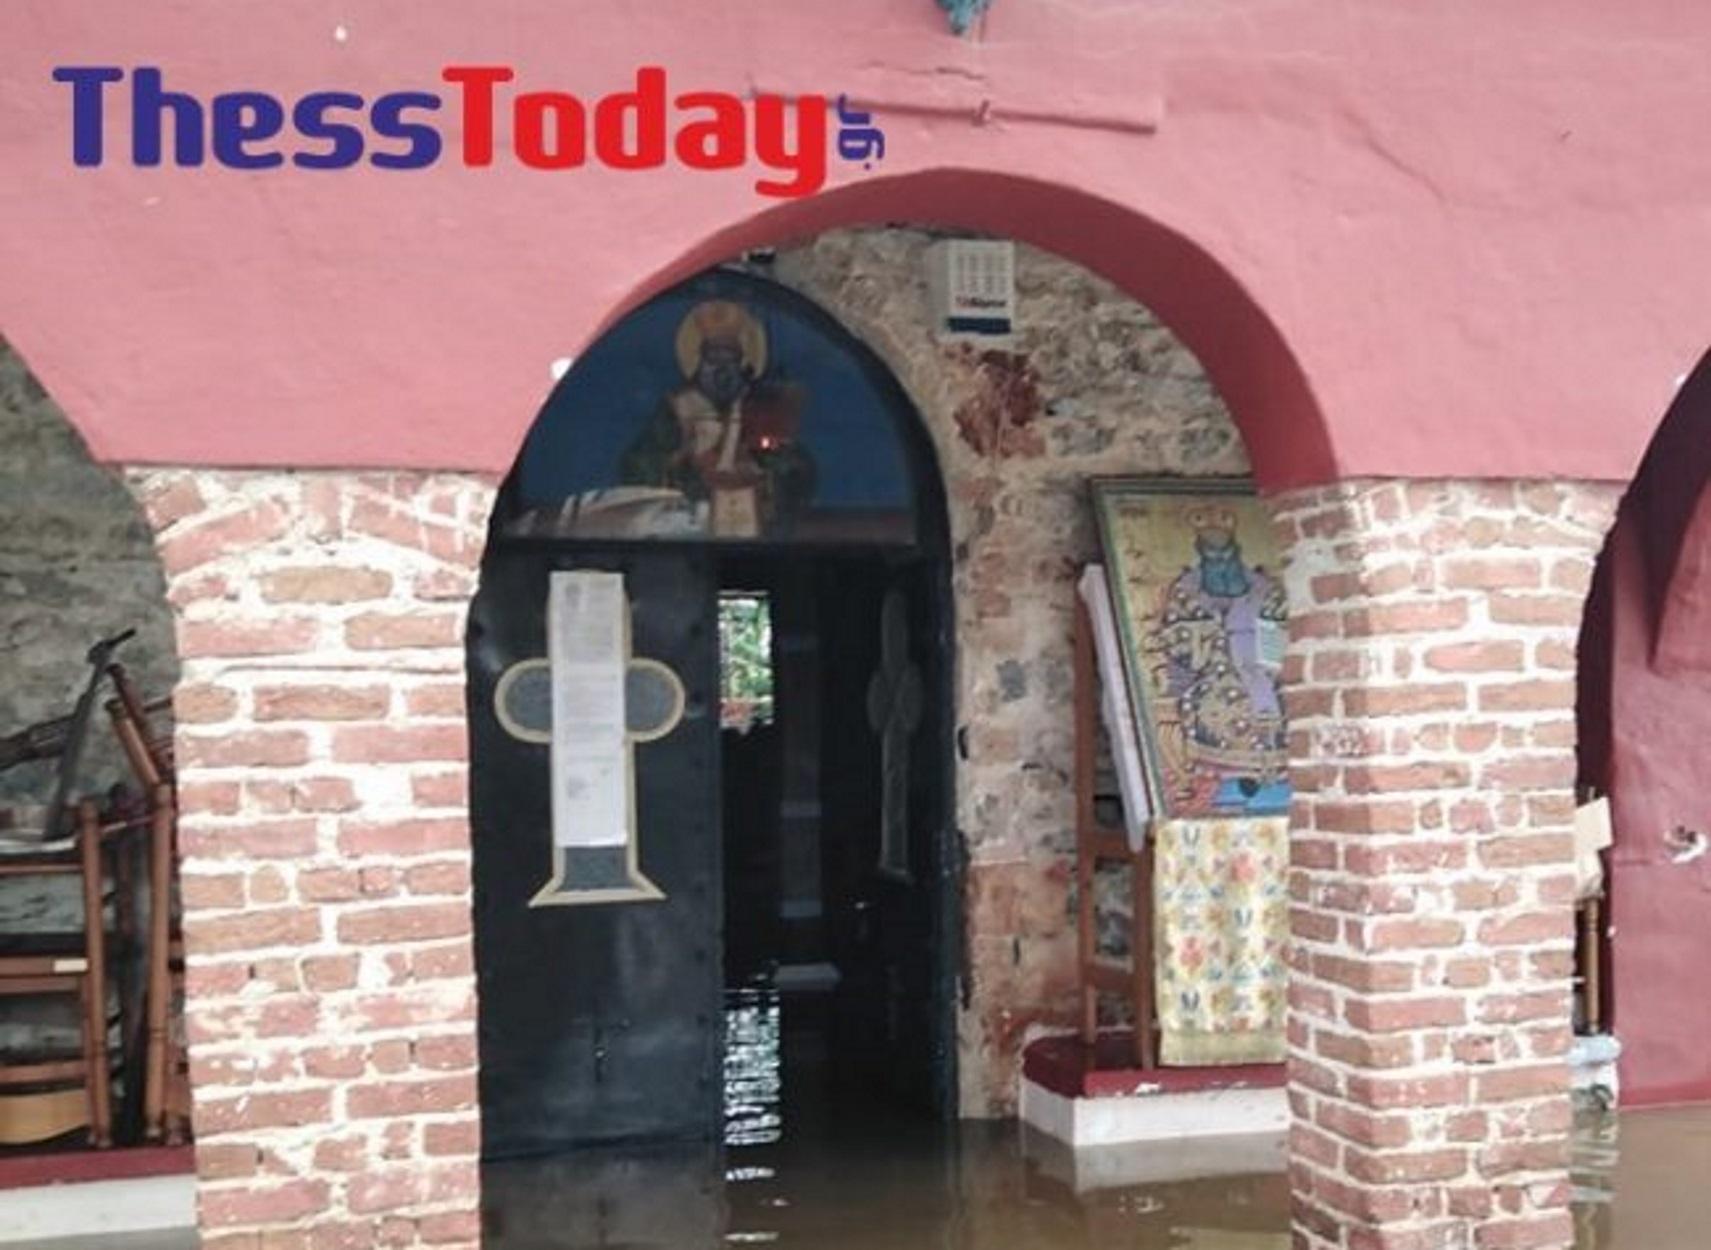 Λαγκαδάς: Μόνο οι εικόνες του Αγίου Αθανασίου σώθηκαν από τις πλημμύρες (pics, video)